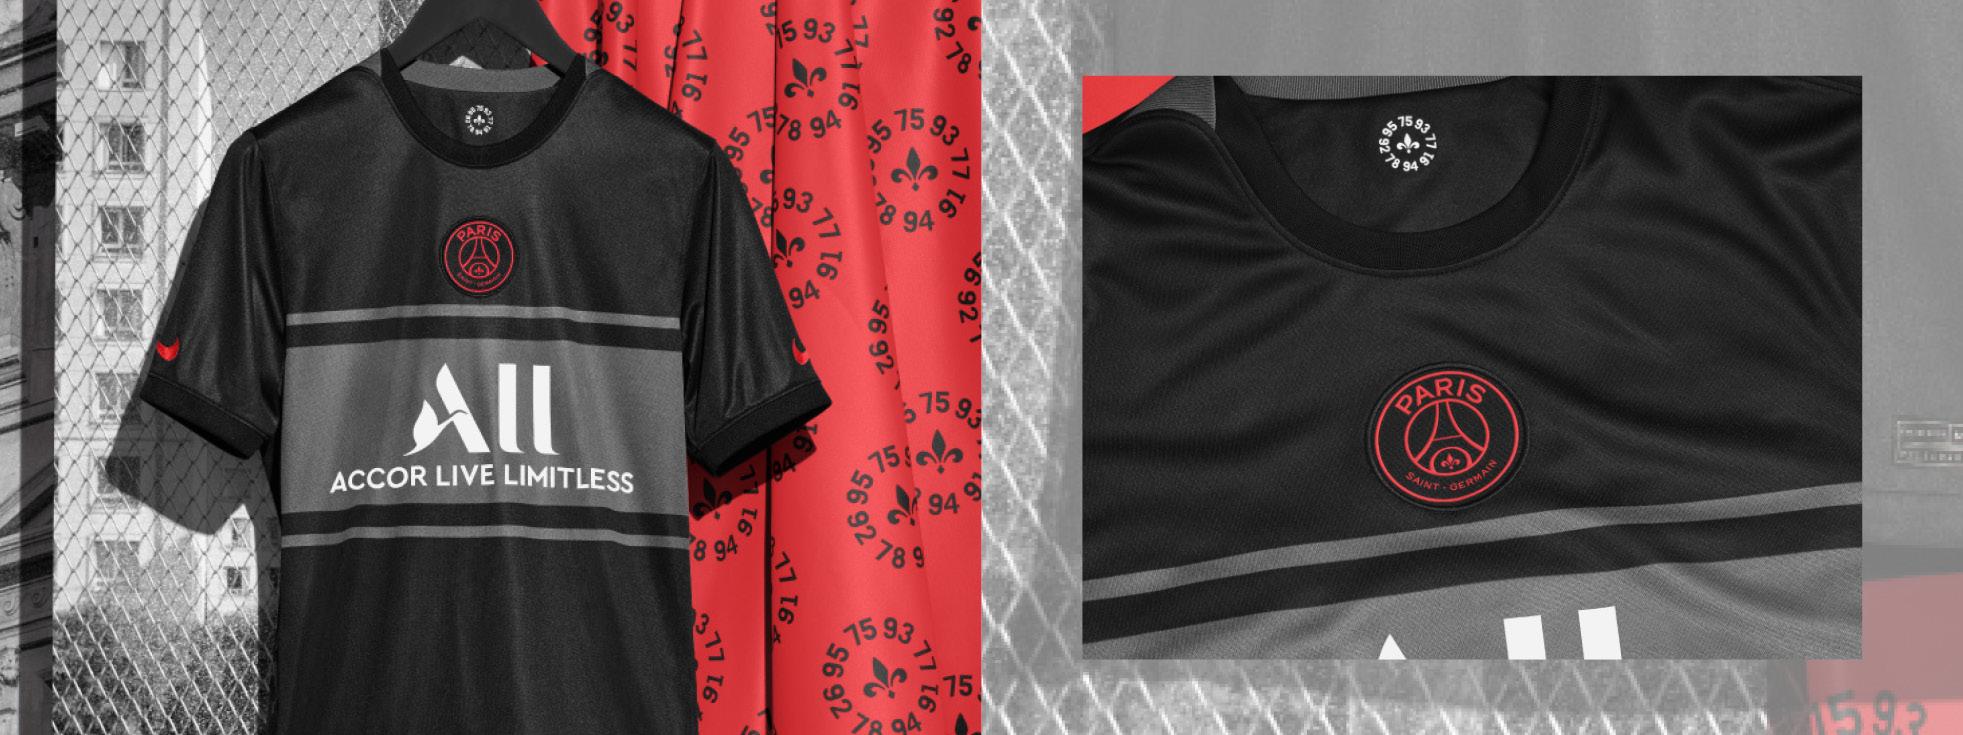 Paris Saint-Germain 3RD Kit 21-22